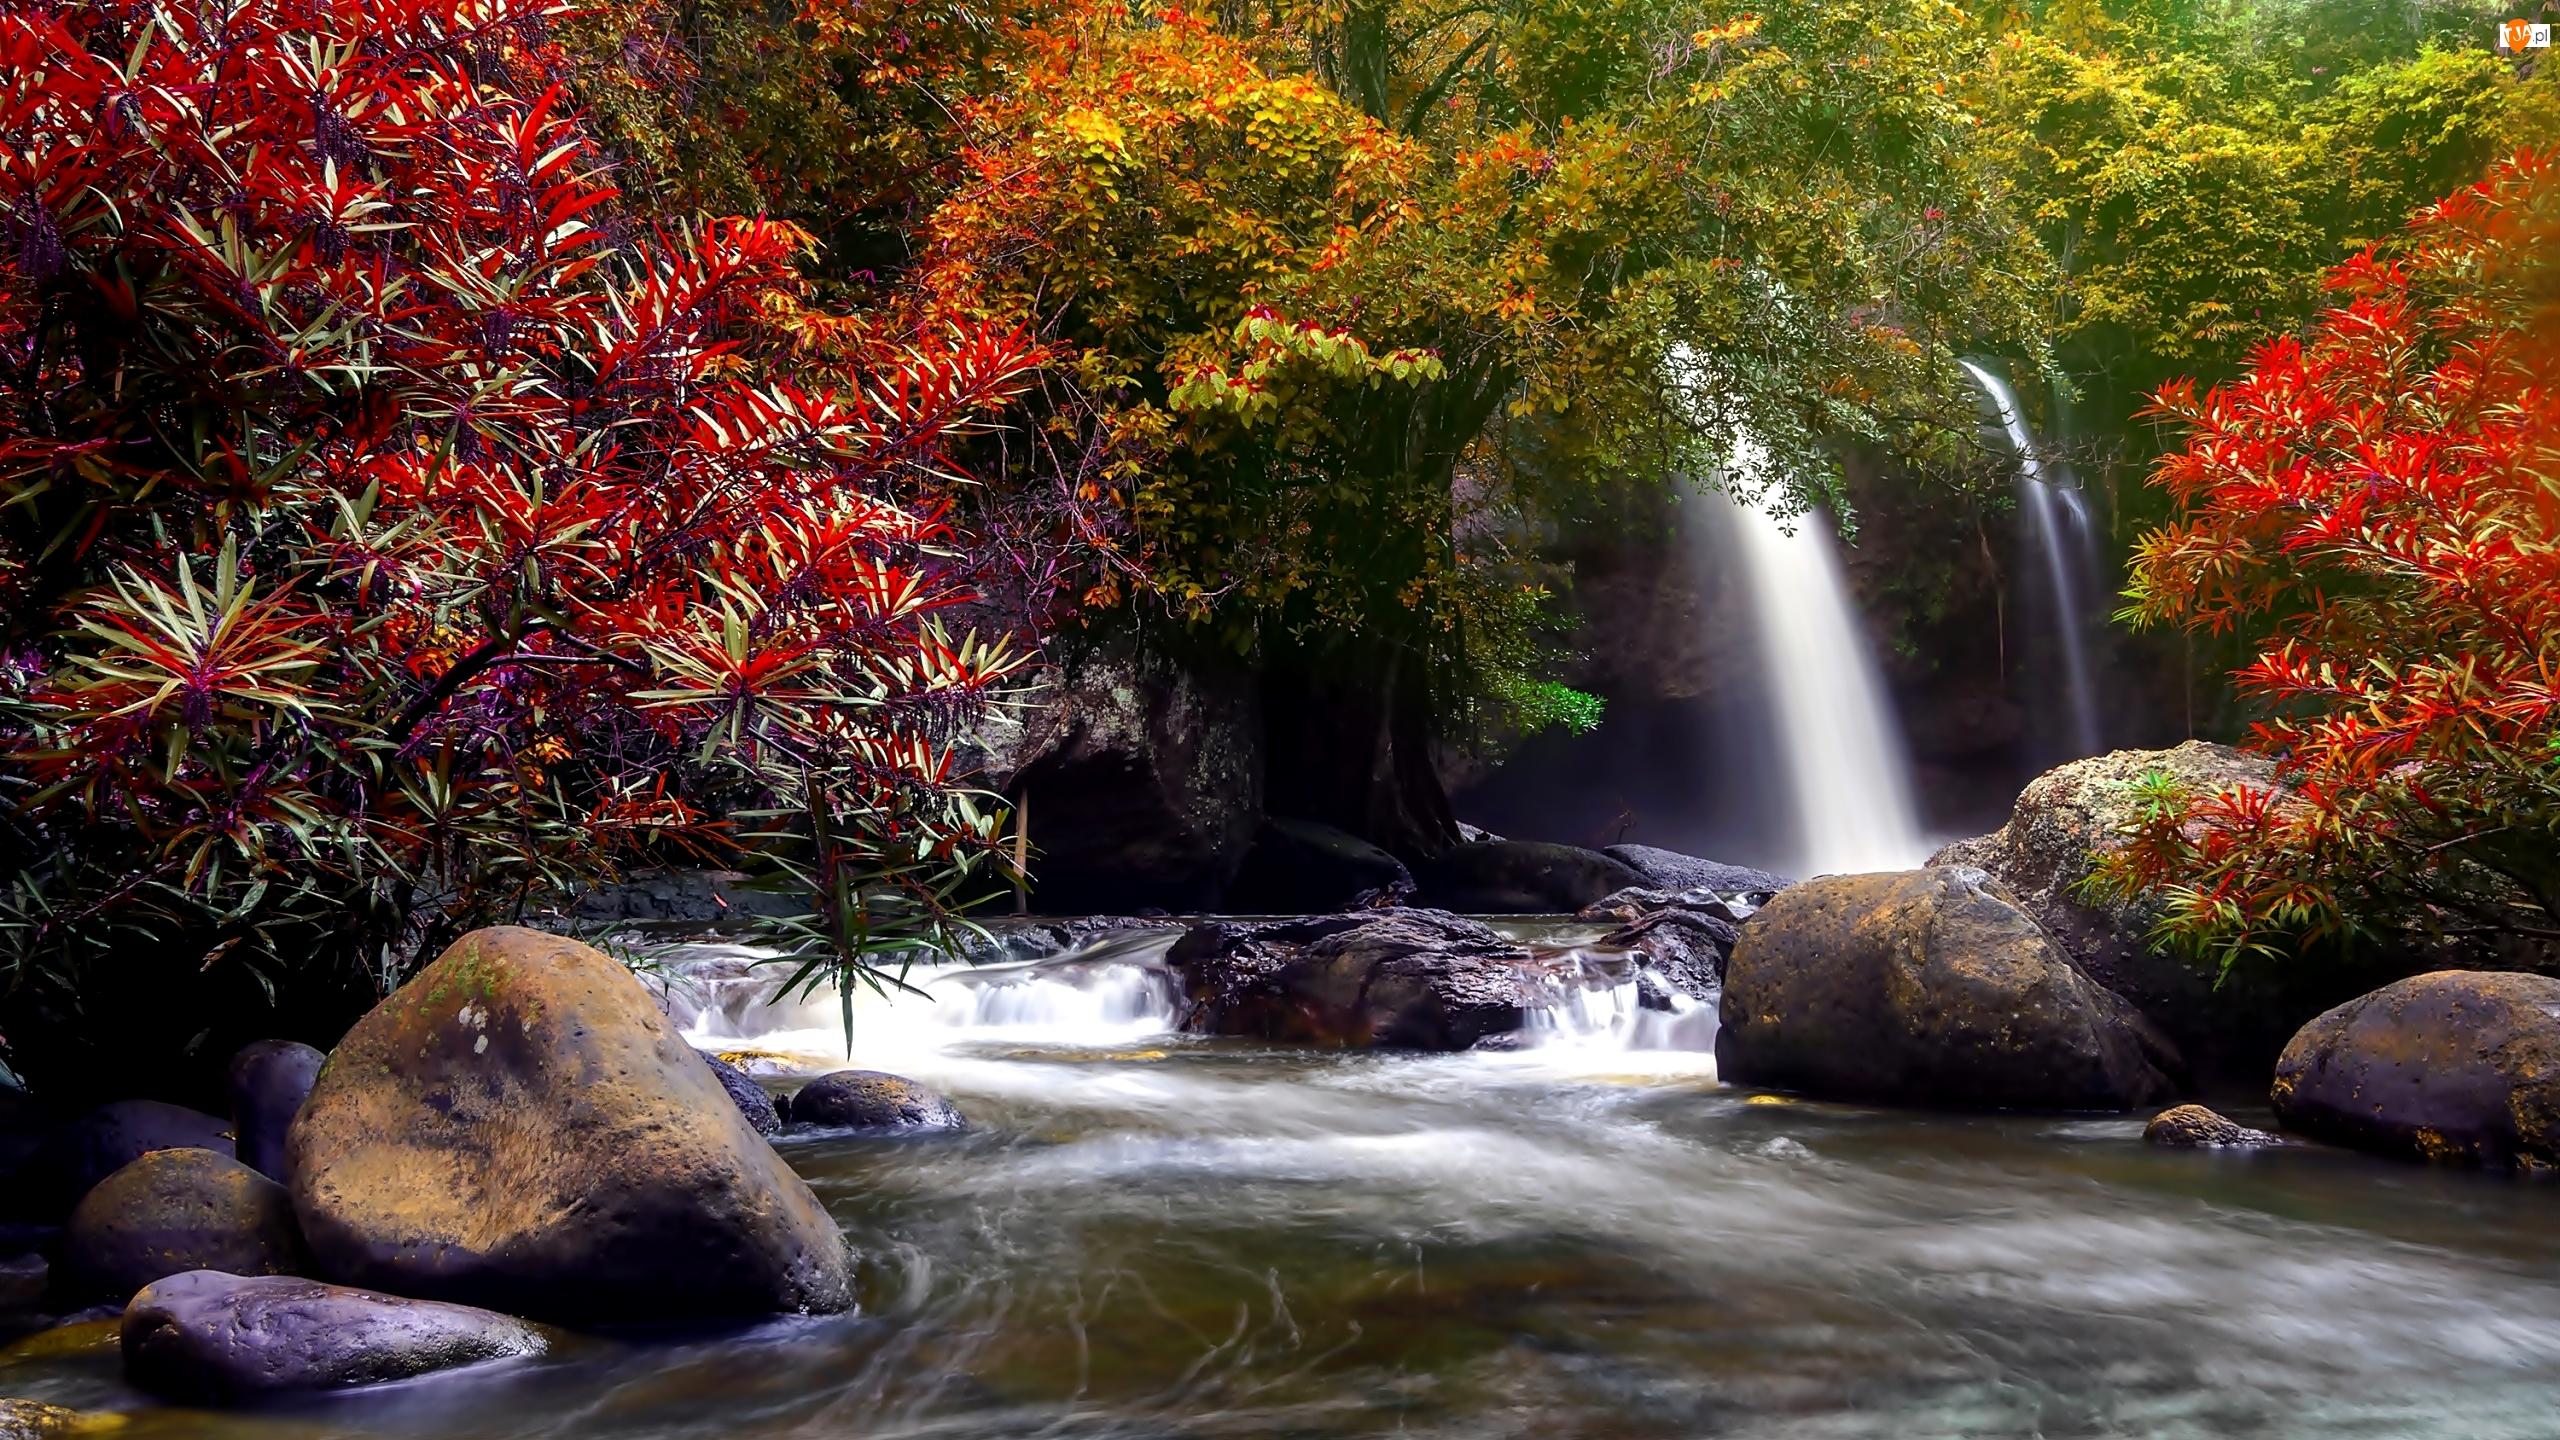 Park Narodowy Khau Yai, Tajlandia, Rzeka, Drzewa, Wodospad Haew Suwat, Skały